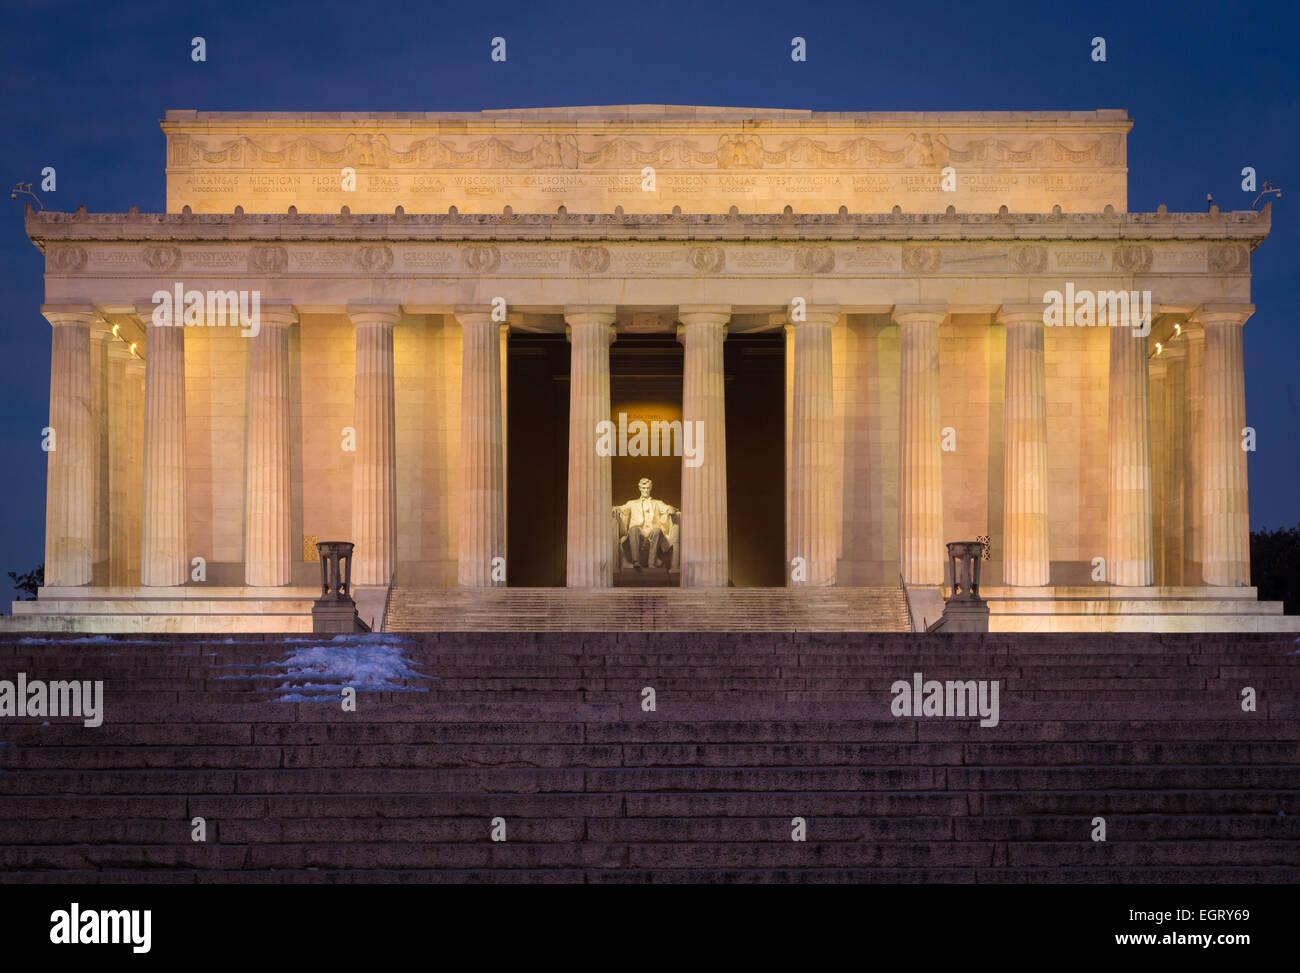 Das Lincoln Memorial ist ein American Memorial gebaut, um den 16. Präsidenten der Vereinigten Staaten, Abraham Stockbild